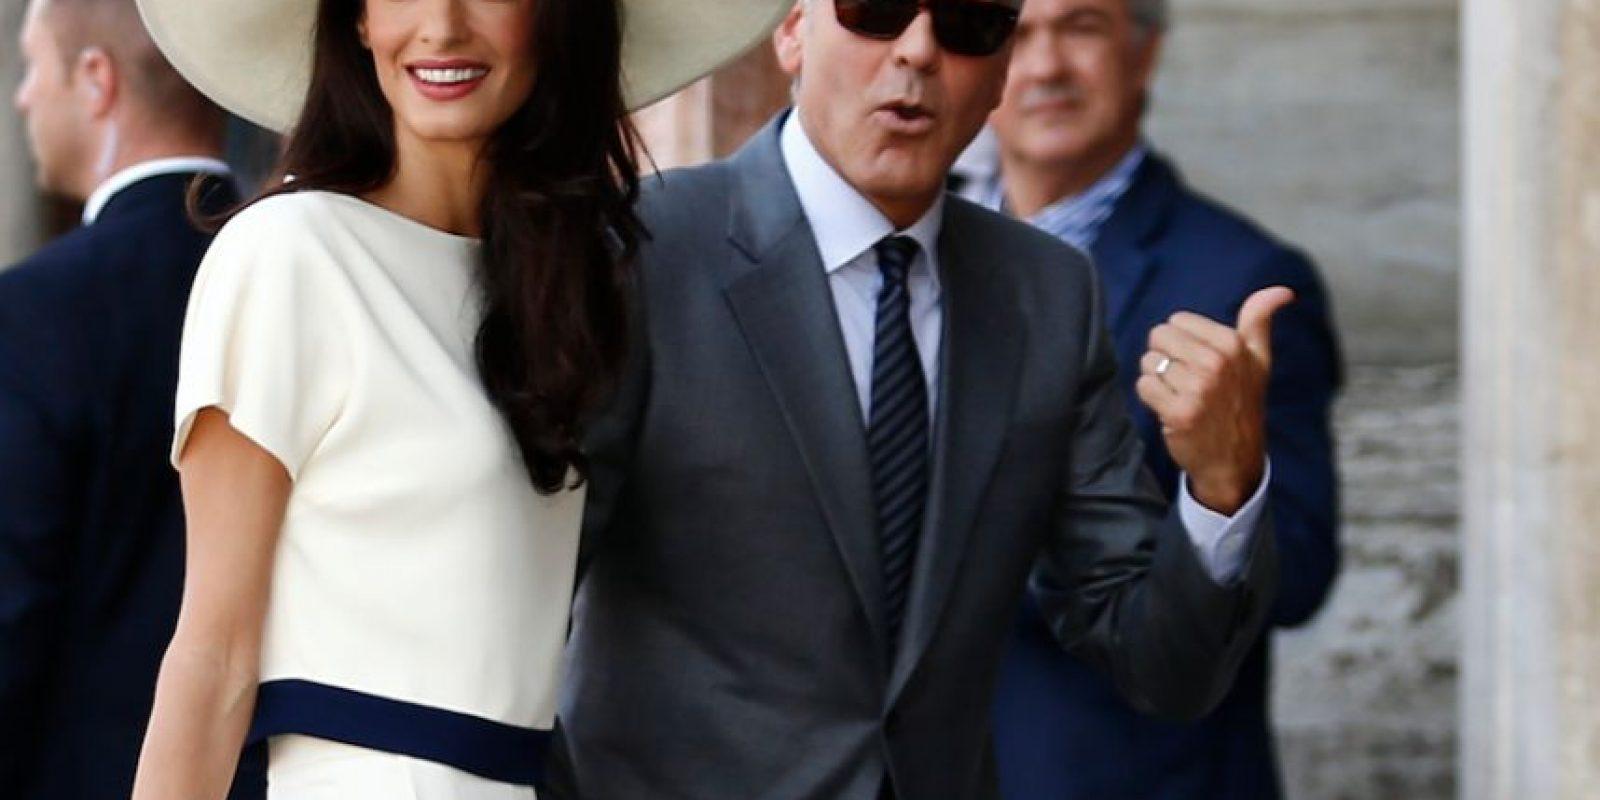 """Su enterizo usado antes de su boda con Clooney hizo las delicias de los amantes de la moda. """"Si se hubiese casado así, hubiese sido la novia más bella del mundo. Y sus piernas son muy largas. Añadamos a esto su hermoso rostro """", afirmó Rosschana Bracho, bloguera venezolana y creadora del portal Miss Monroe. Foto:AFP"""